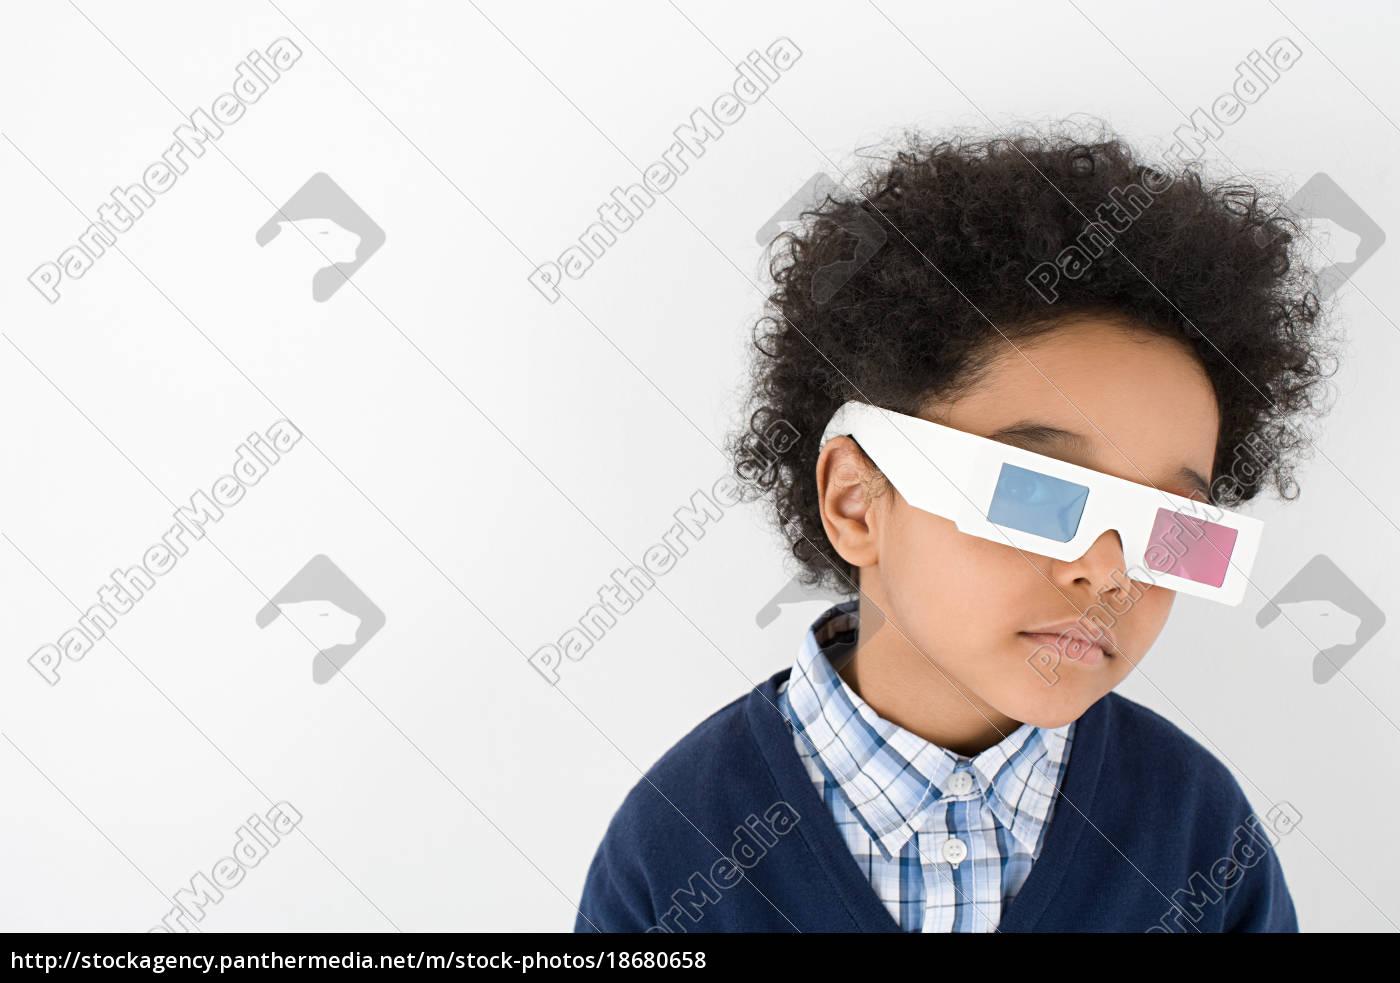 chłopiec, ubrany, w, okulary, 3d - 18680658